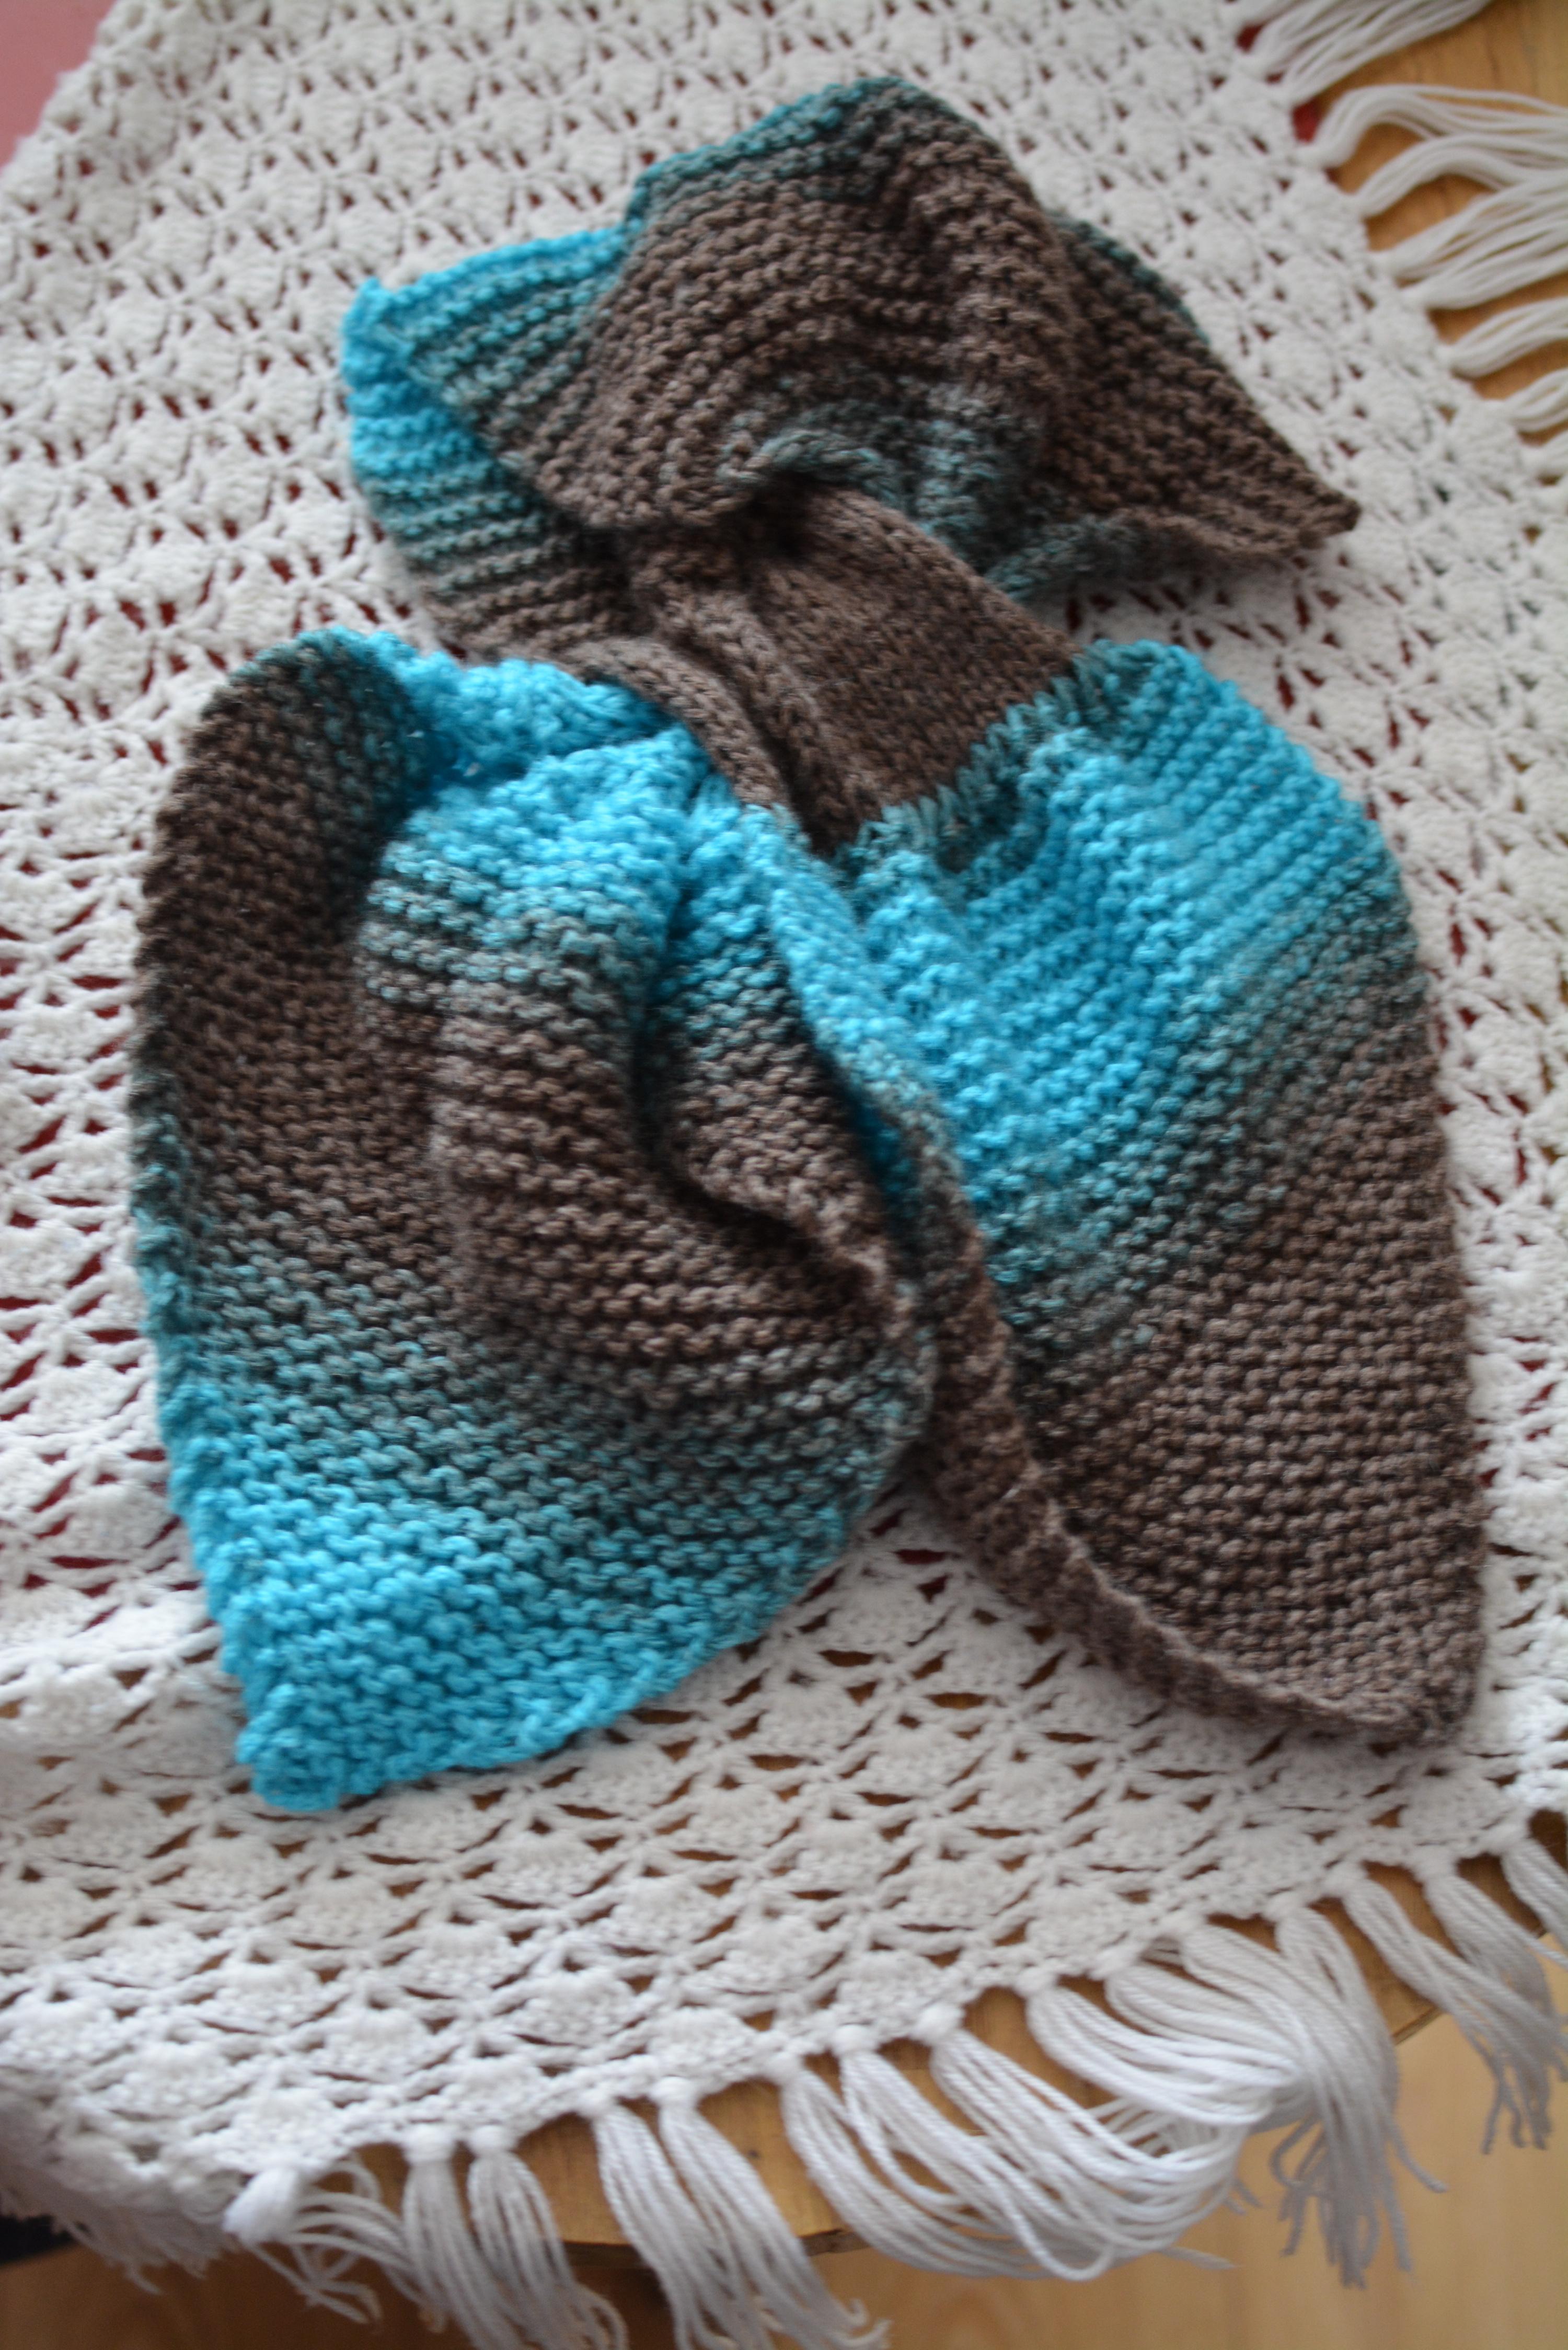 A la recherche d un nouveau projet tricot accessible à mon petit niveau et  qui se termine rapidement, j ai jeté mon dévolu sur la fameuse écharpe  feuille. 3a736be599e